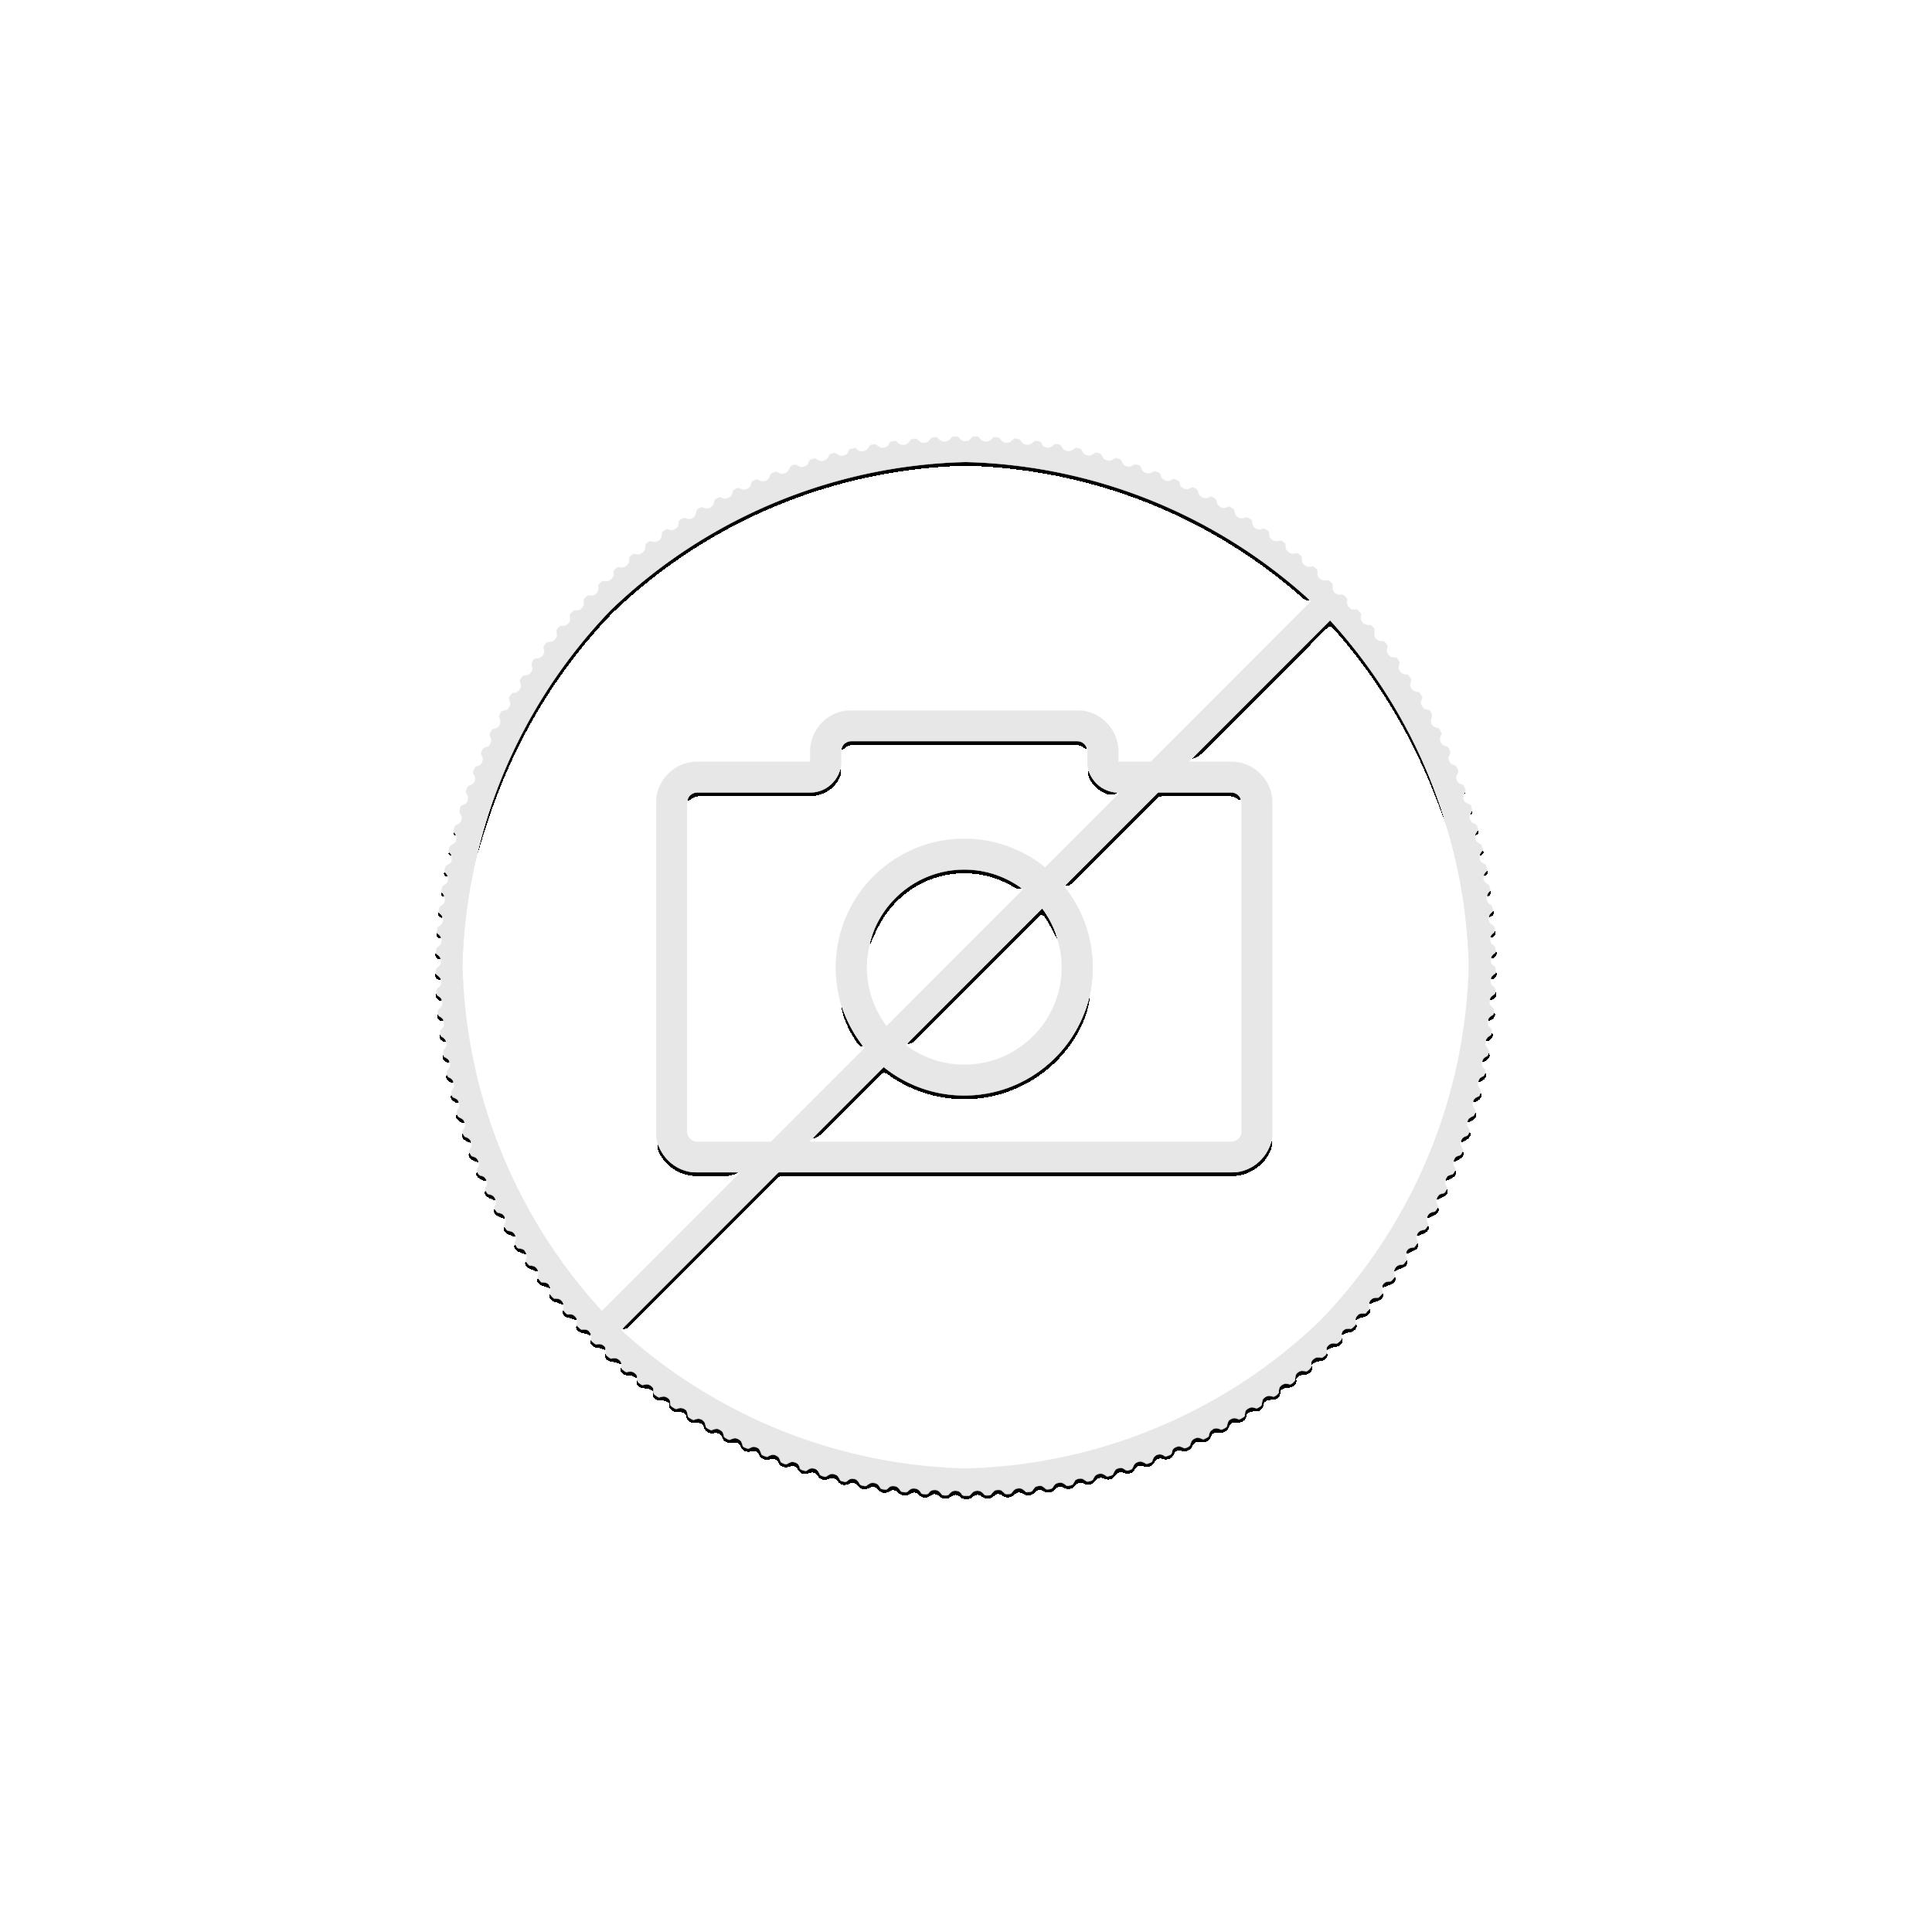 2015 - Silver Kookaburra coin 1 troy ounce